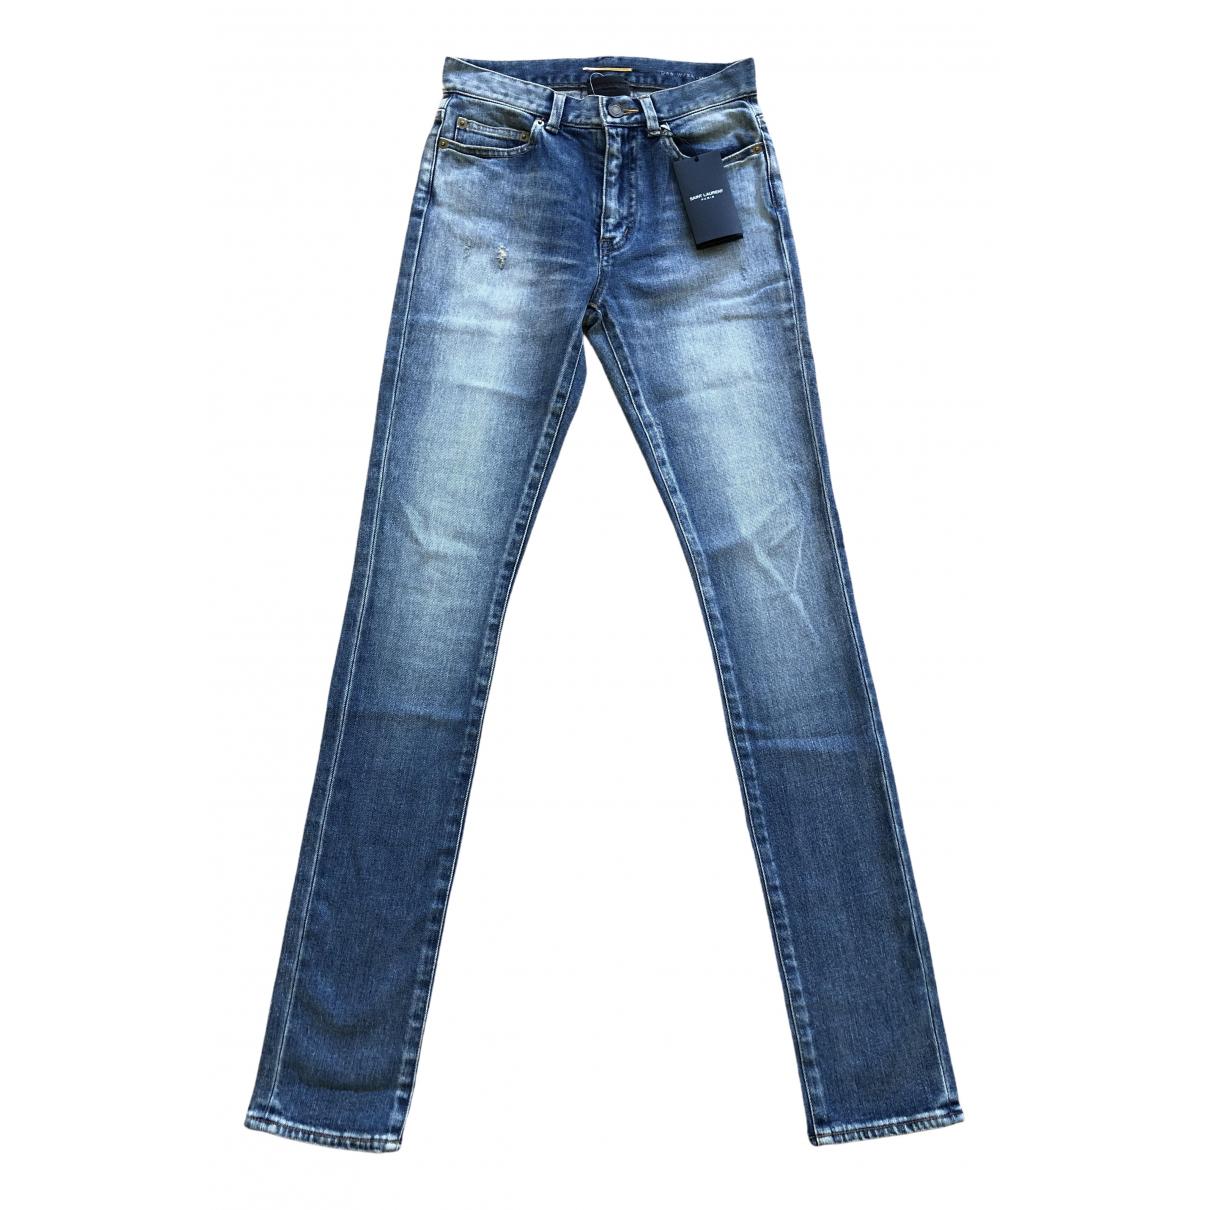 Saint Laurent \N Blue Cotton - elasthane Jeans for Women 24 US